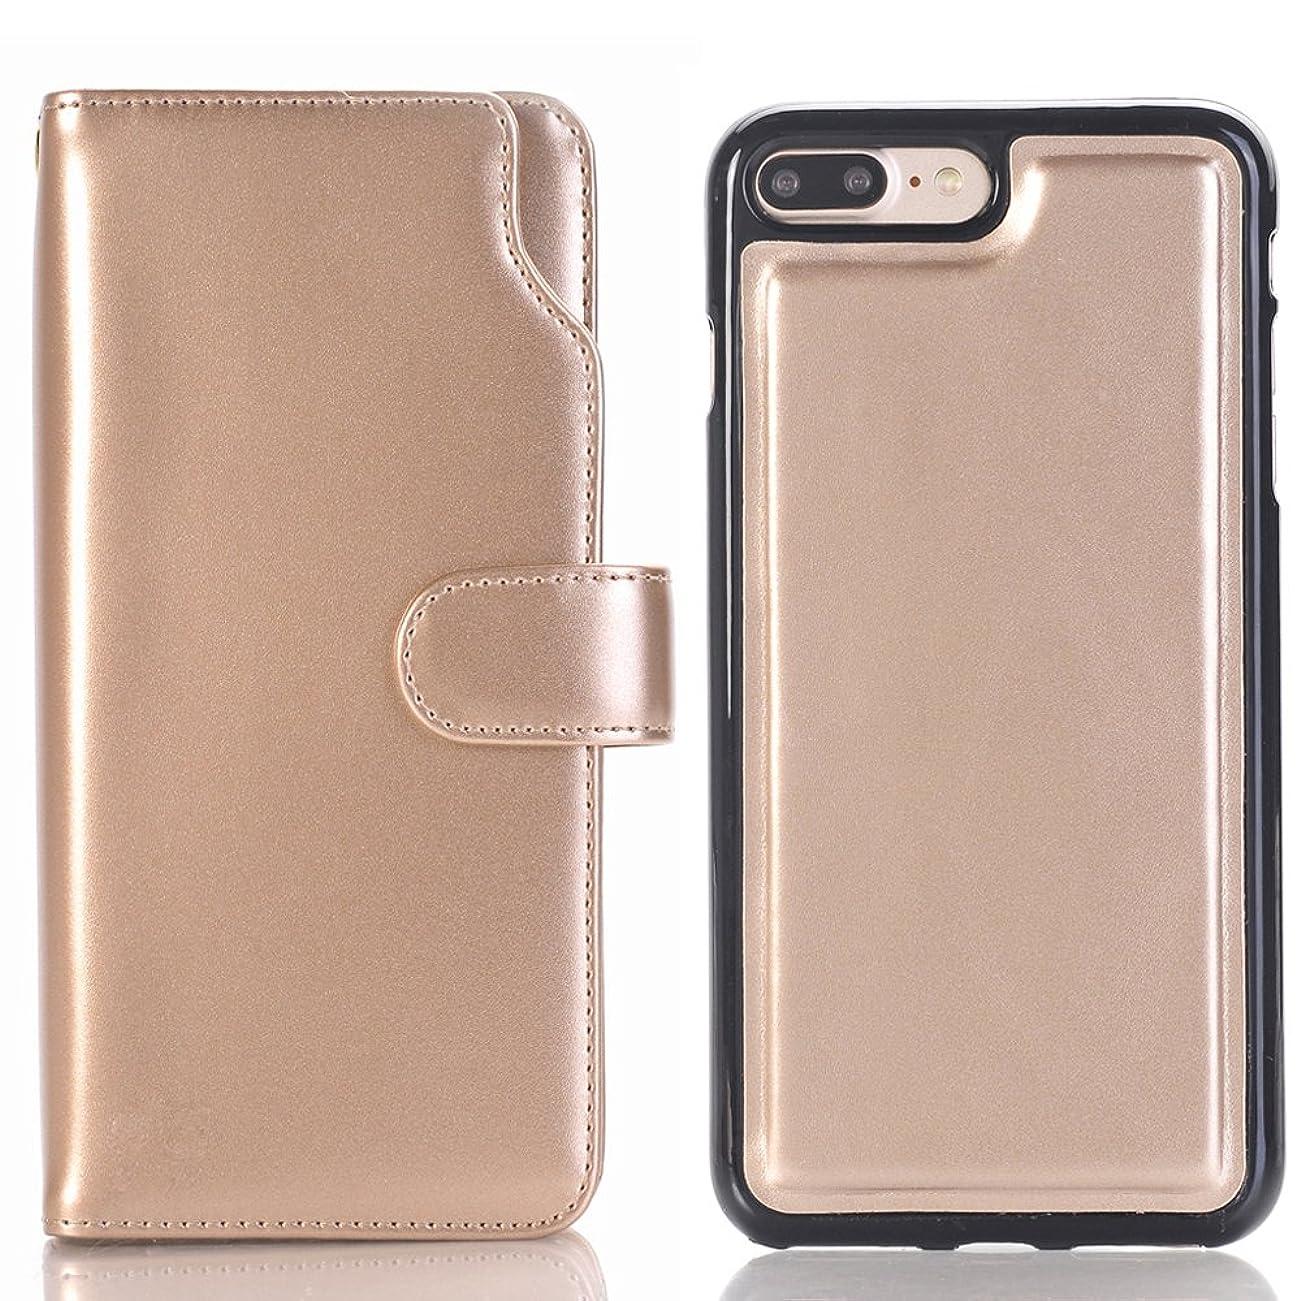 アノイラフ横向きiPhone 6 Plus ケース 分離可能、SIMPLE DO 良質レザー おしゃれデザイン カード収納 傷つけ防止 業務用(ゴールド)